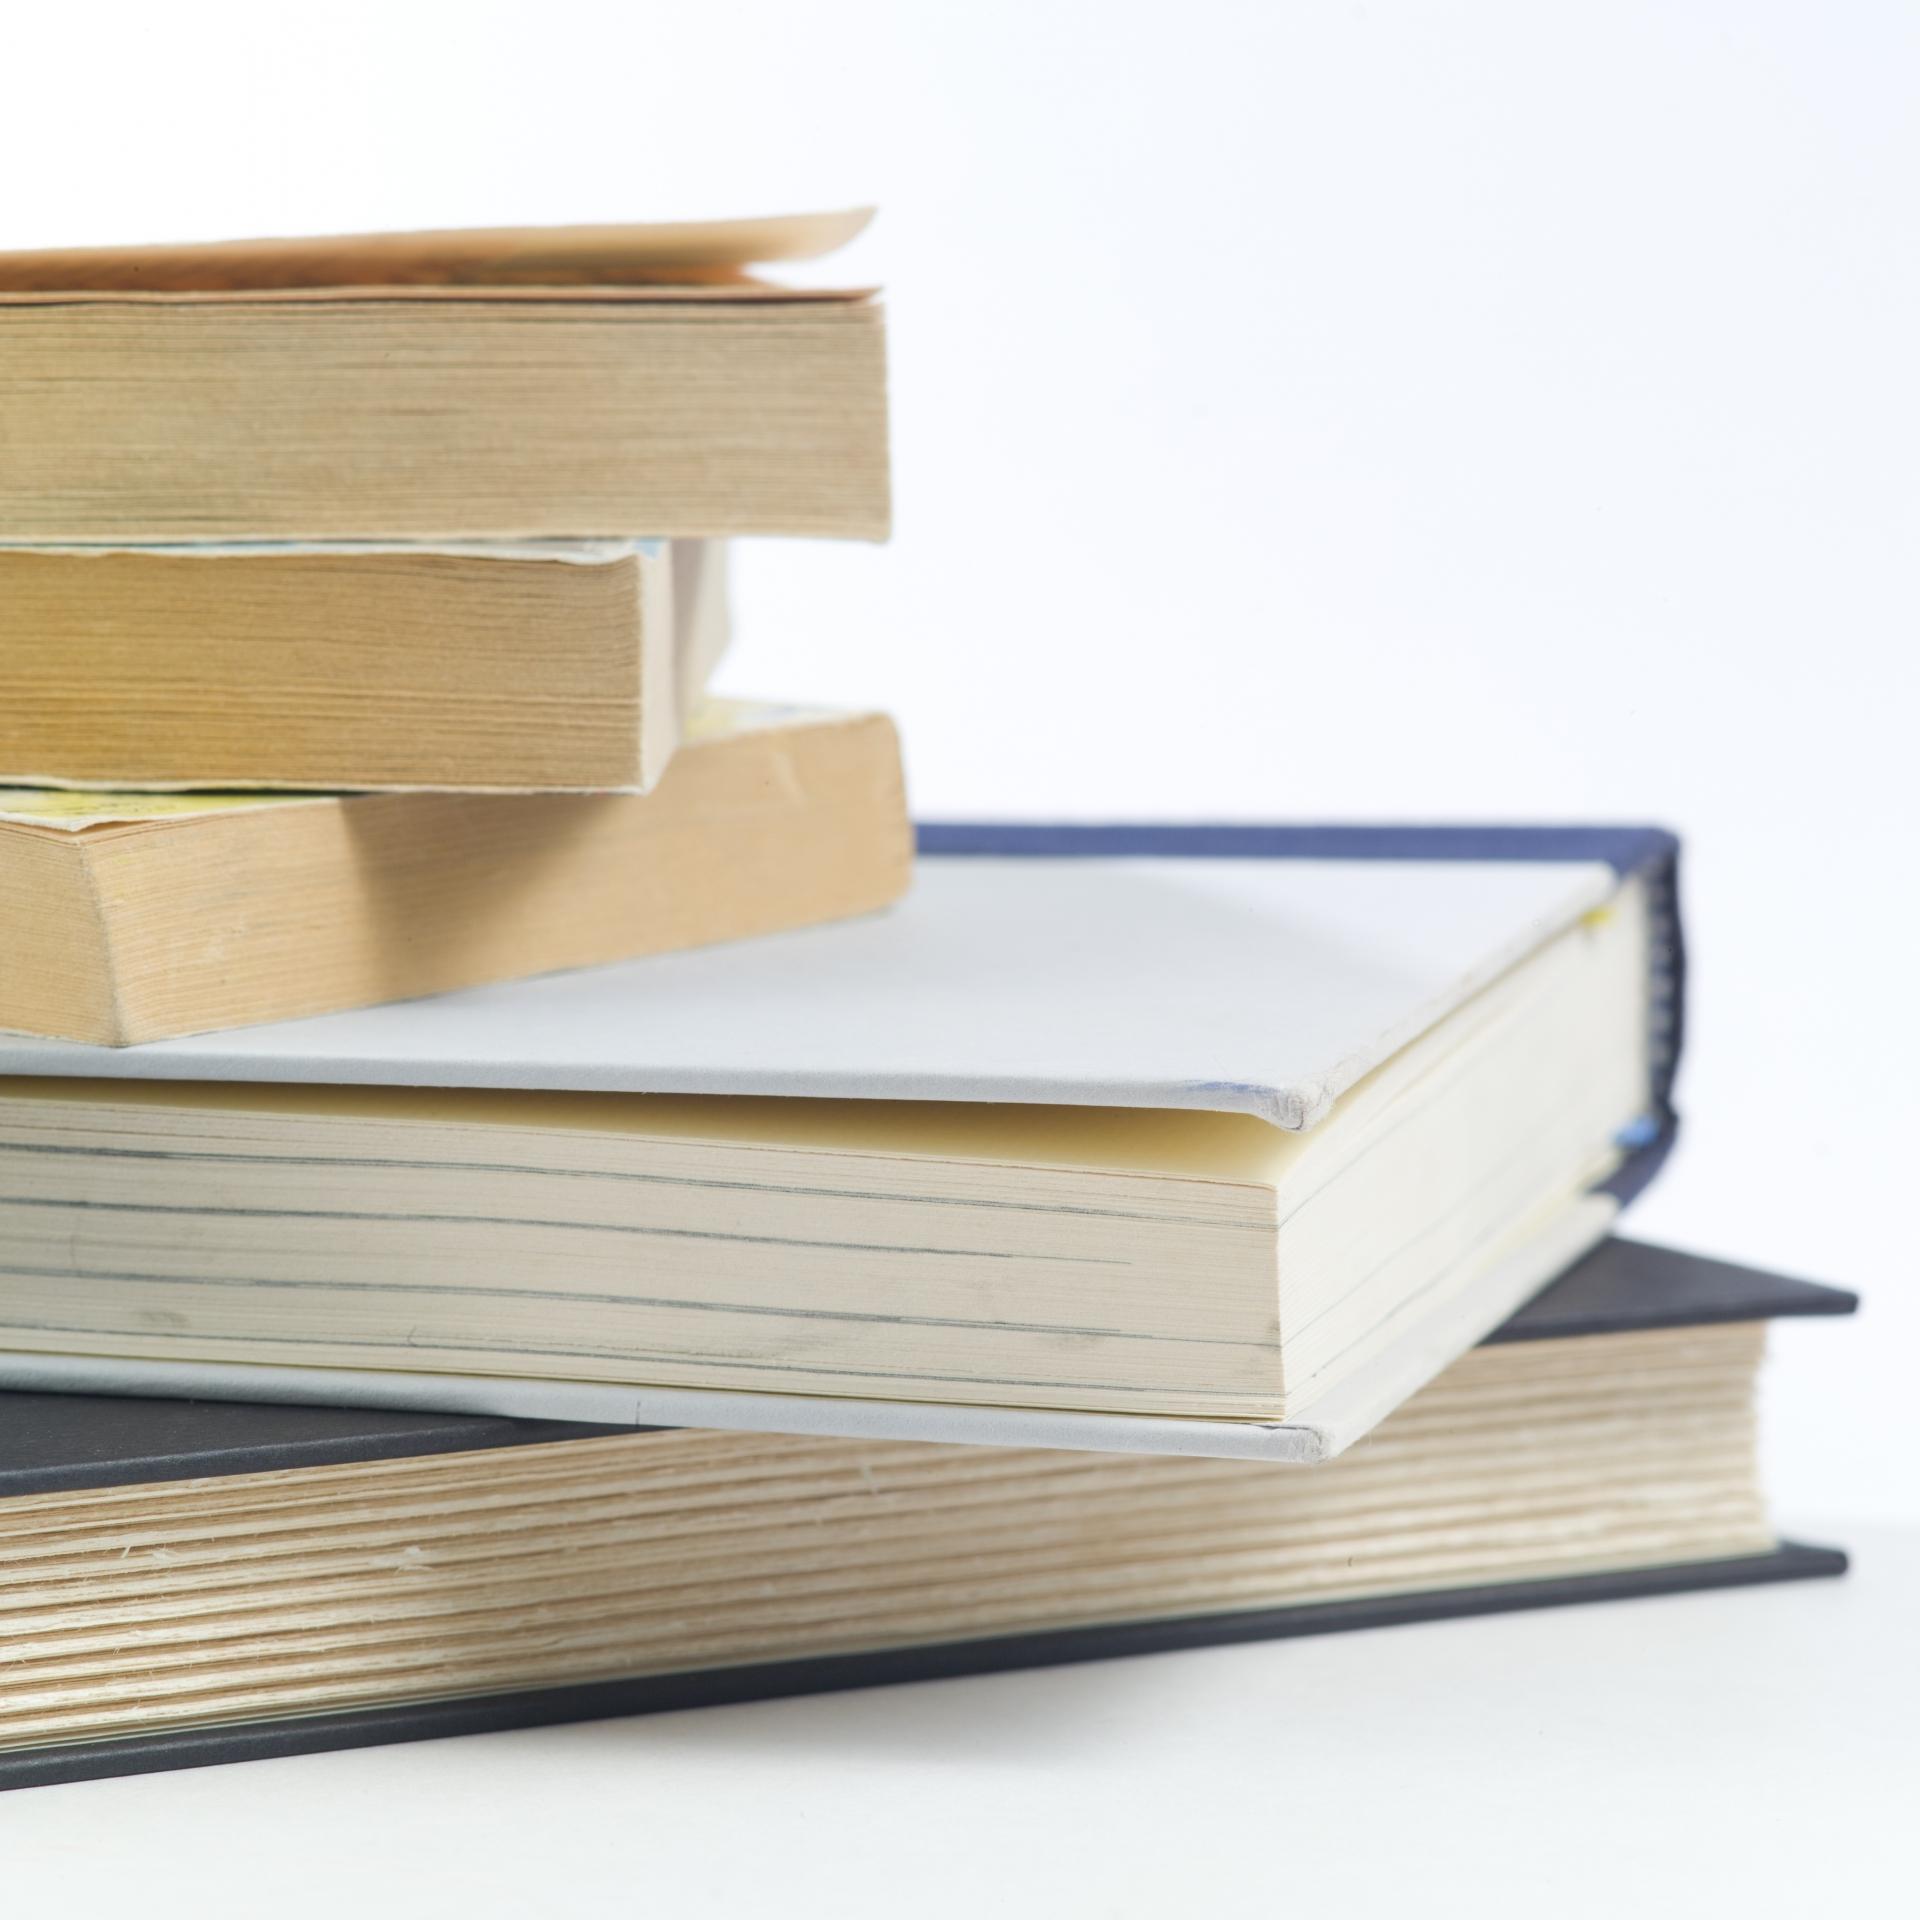 プラトンの思想を効率よく学ぶために、まず読むべき5つの著書をご紹介